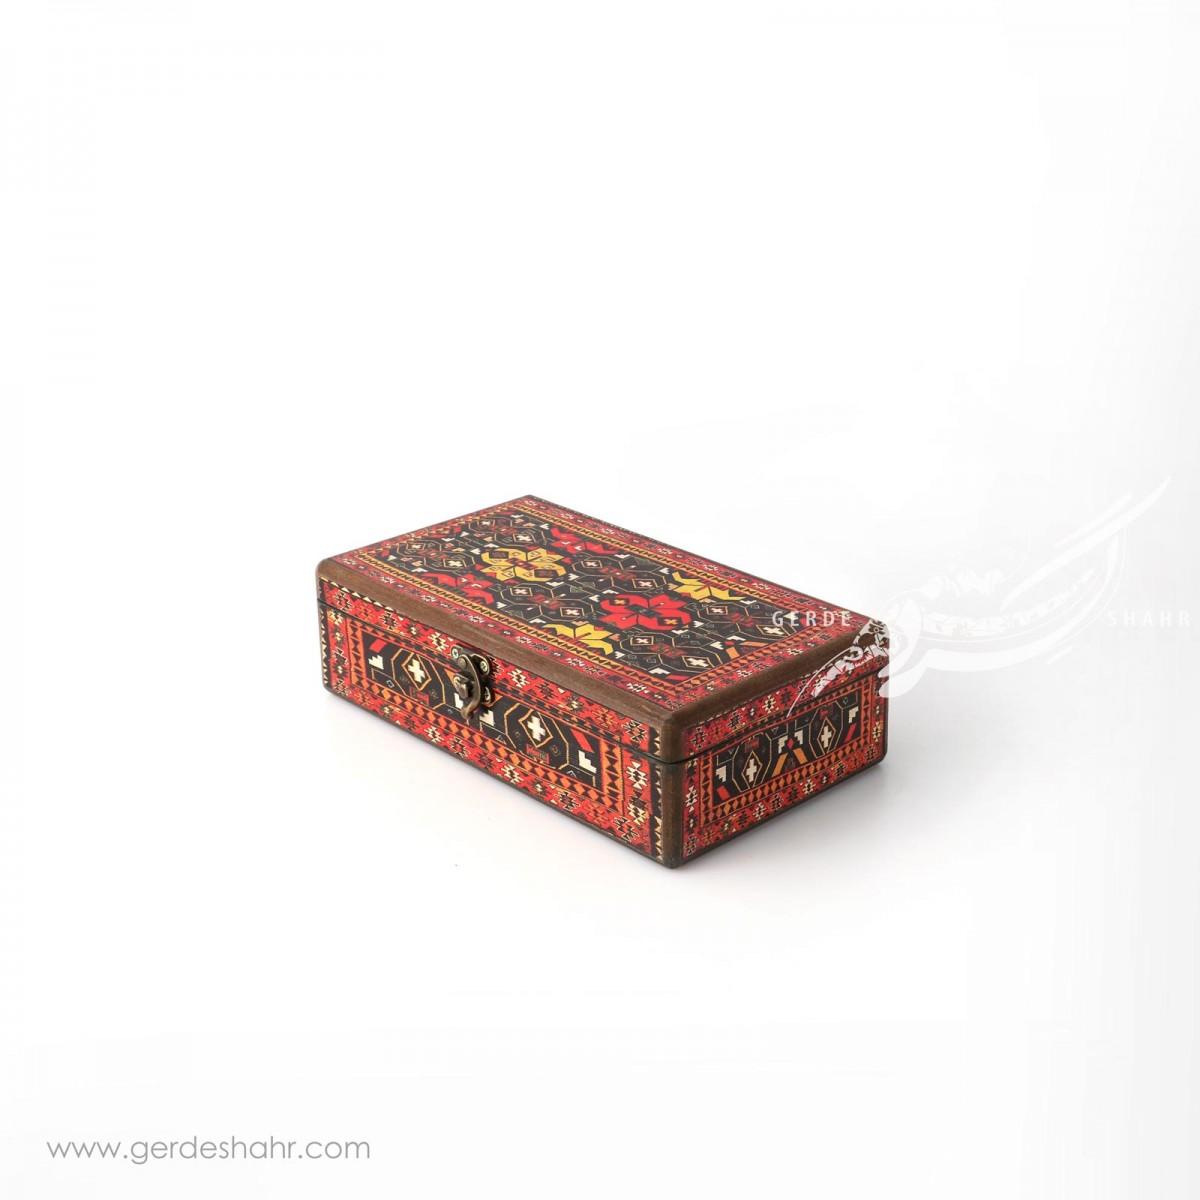 جعبه چوبی جاقاشقی فرشینه هفتگان جعبه و صندوقچه